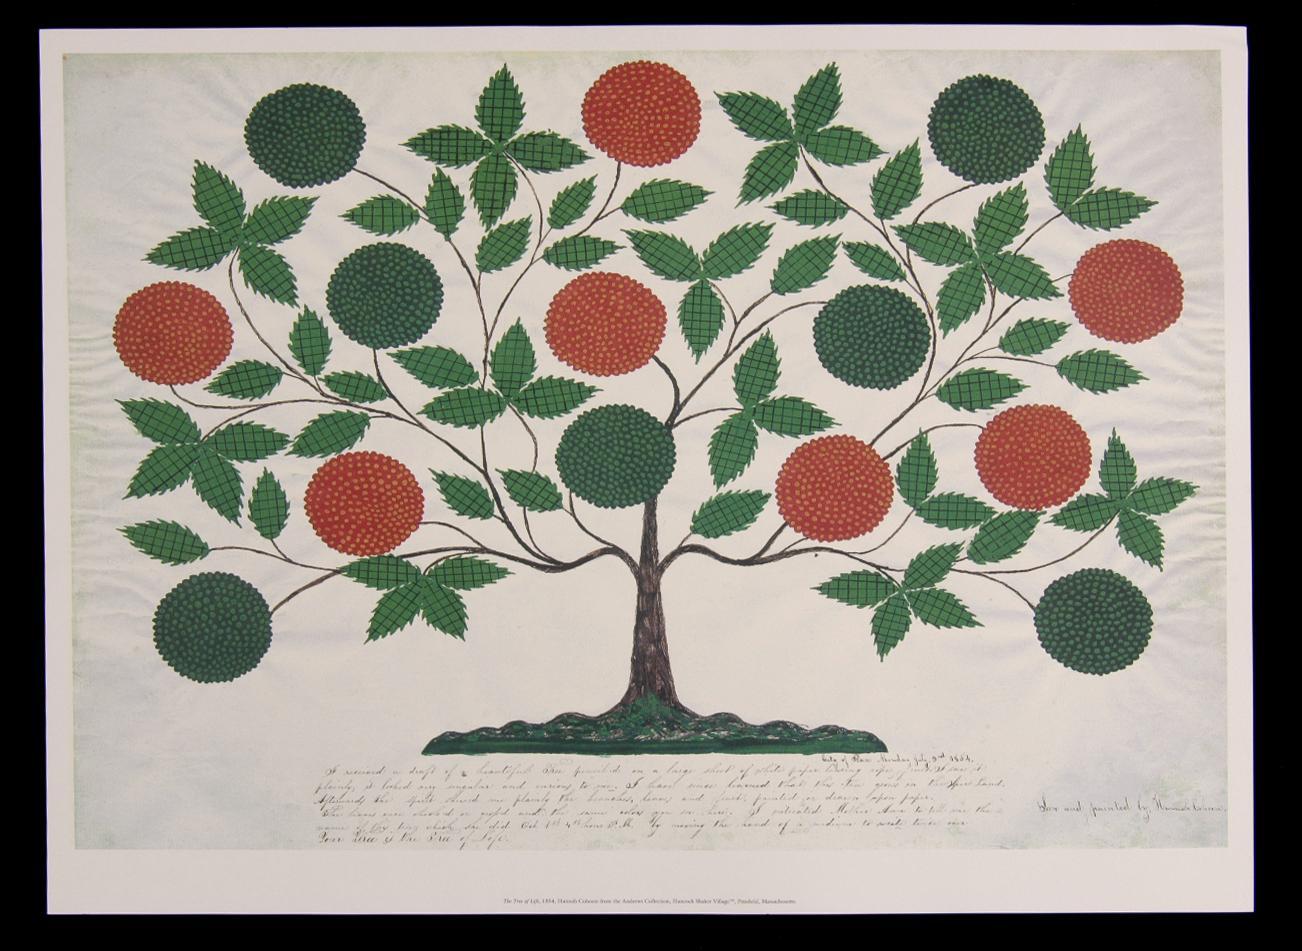 Fruit of the Spirit Classes at QUMC